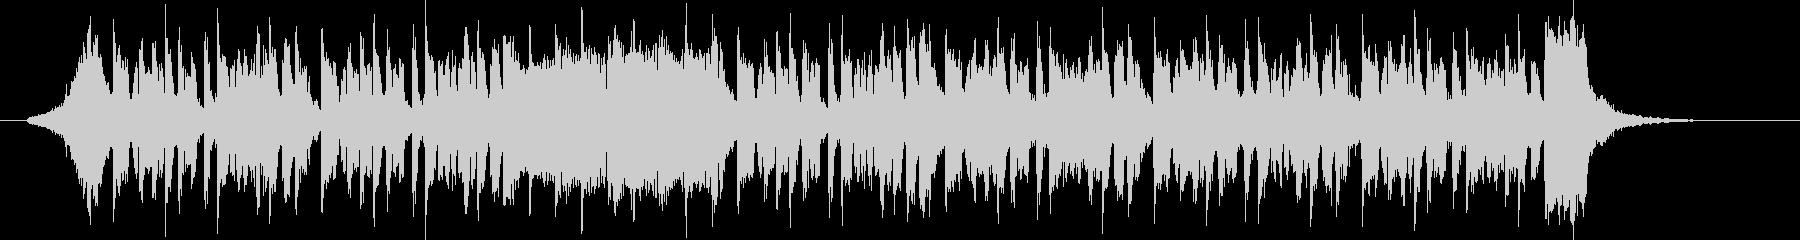 グルーヴィでクールなテクノミュージックの未再生の波形